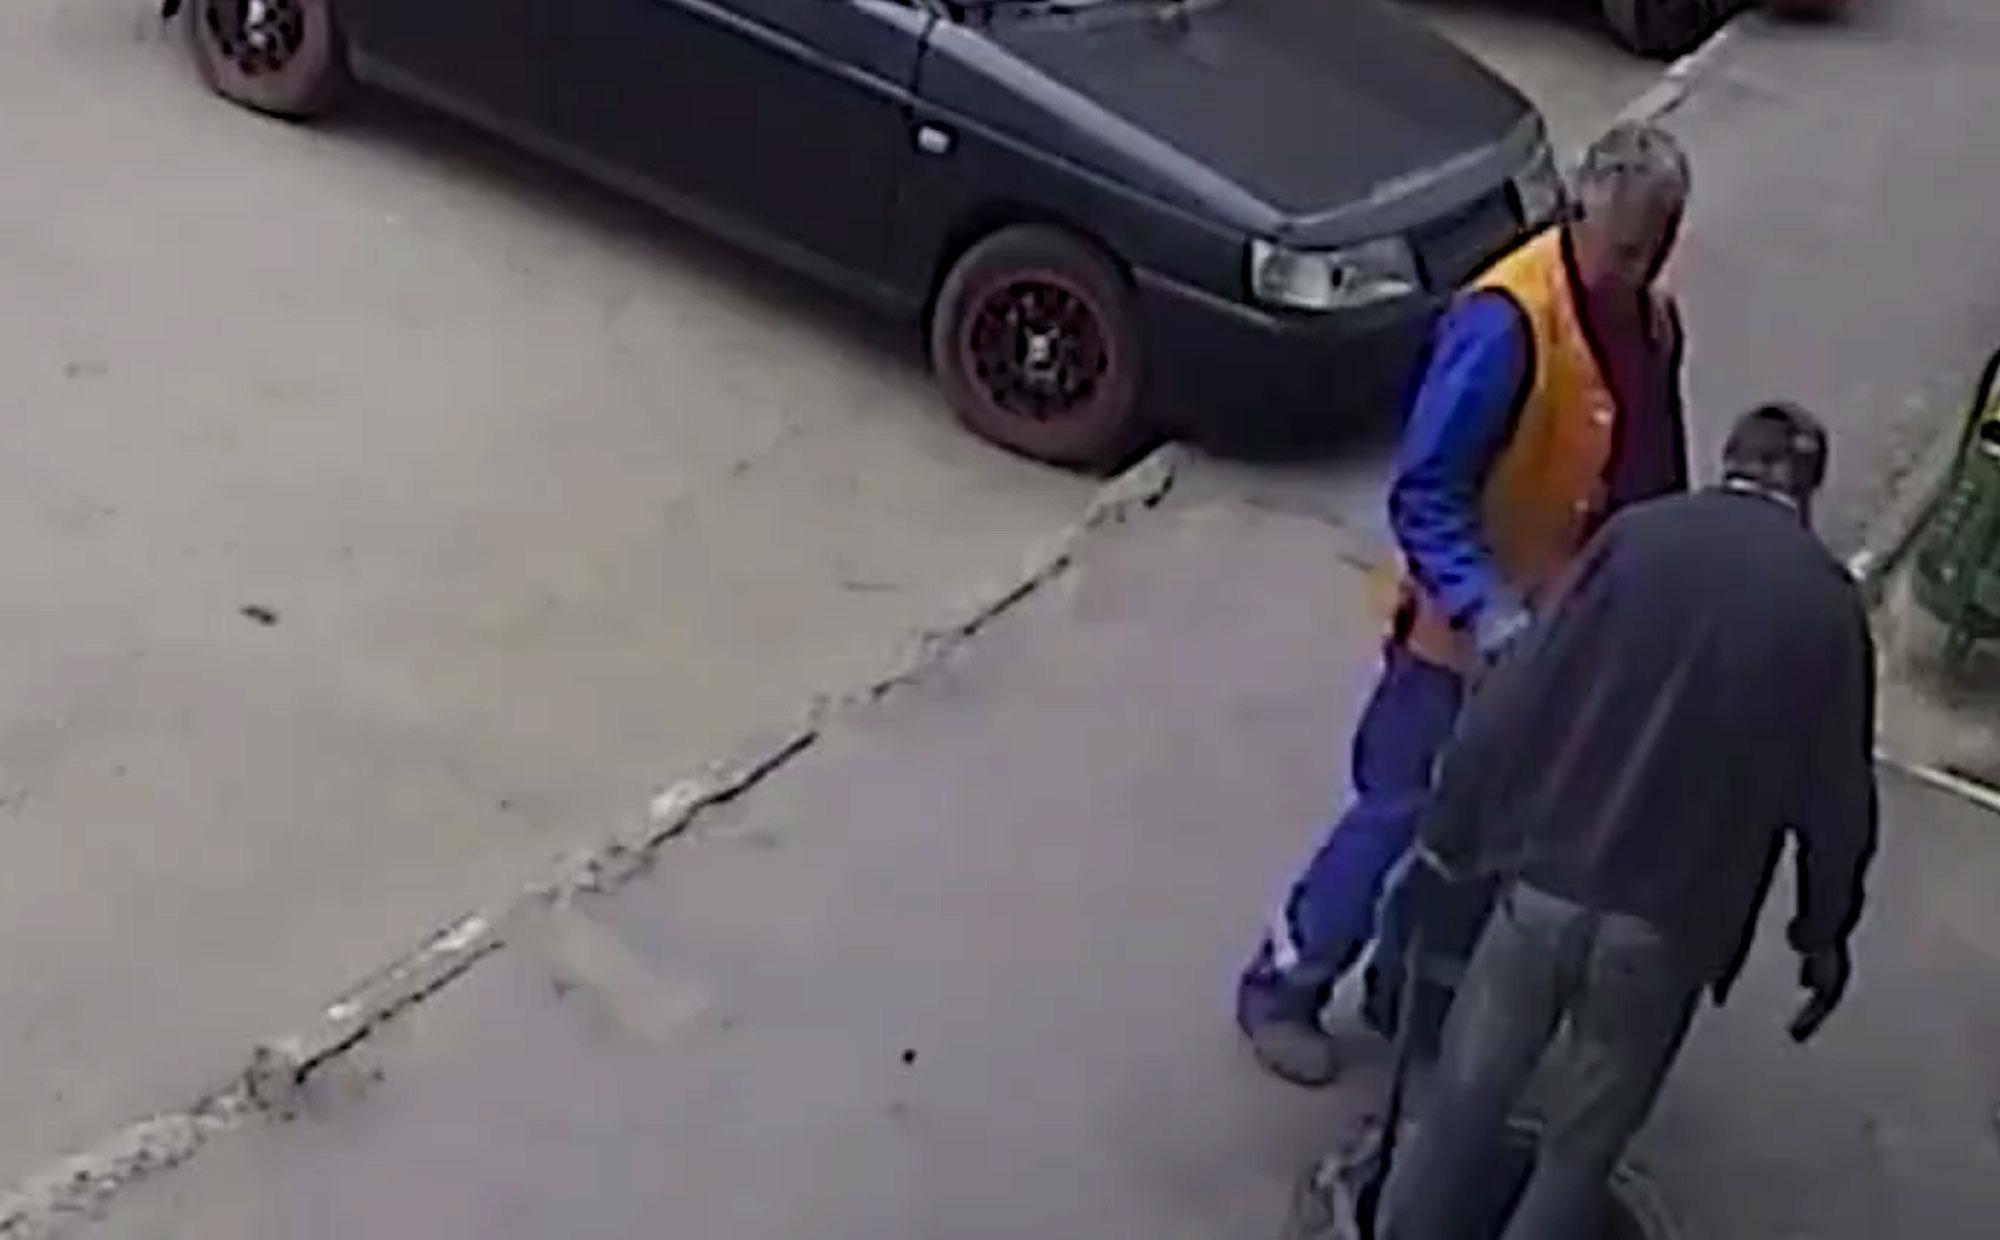 Otworzyli i odeszli. Policja wszczęła śledztwo